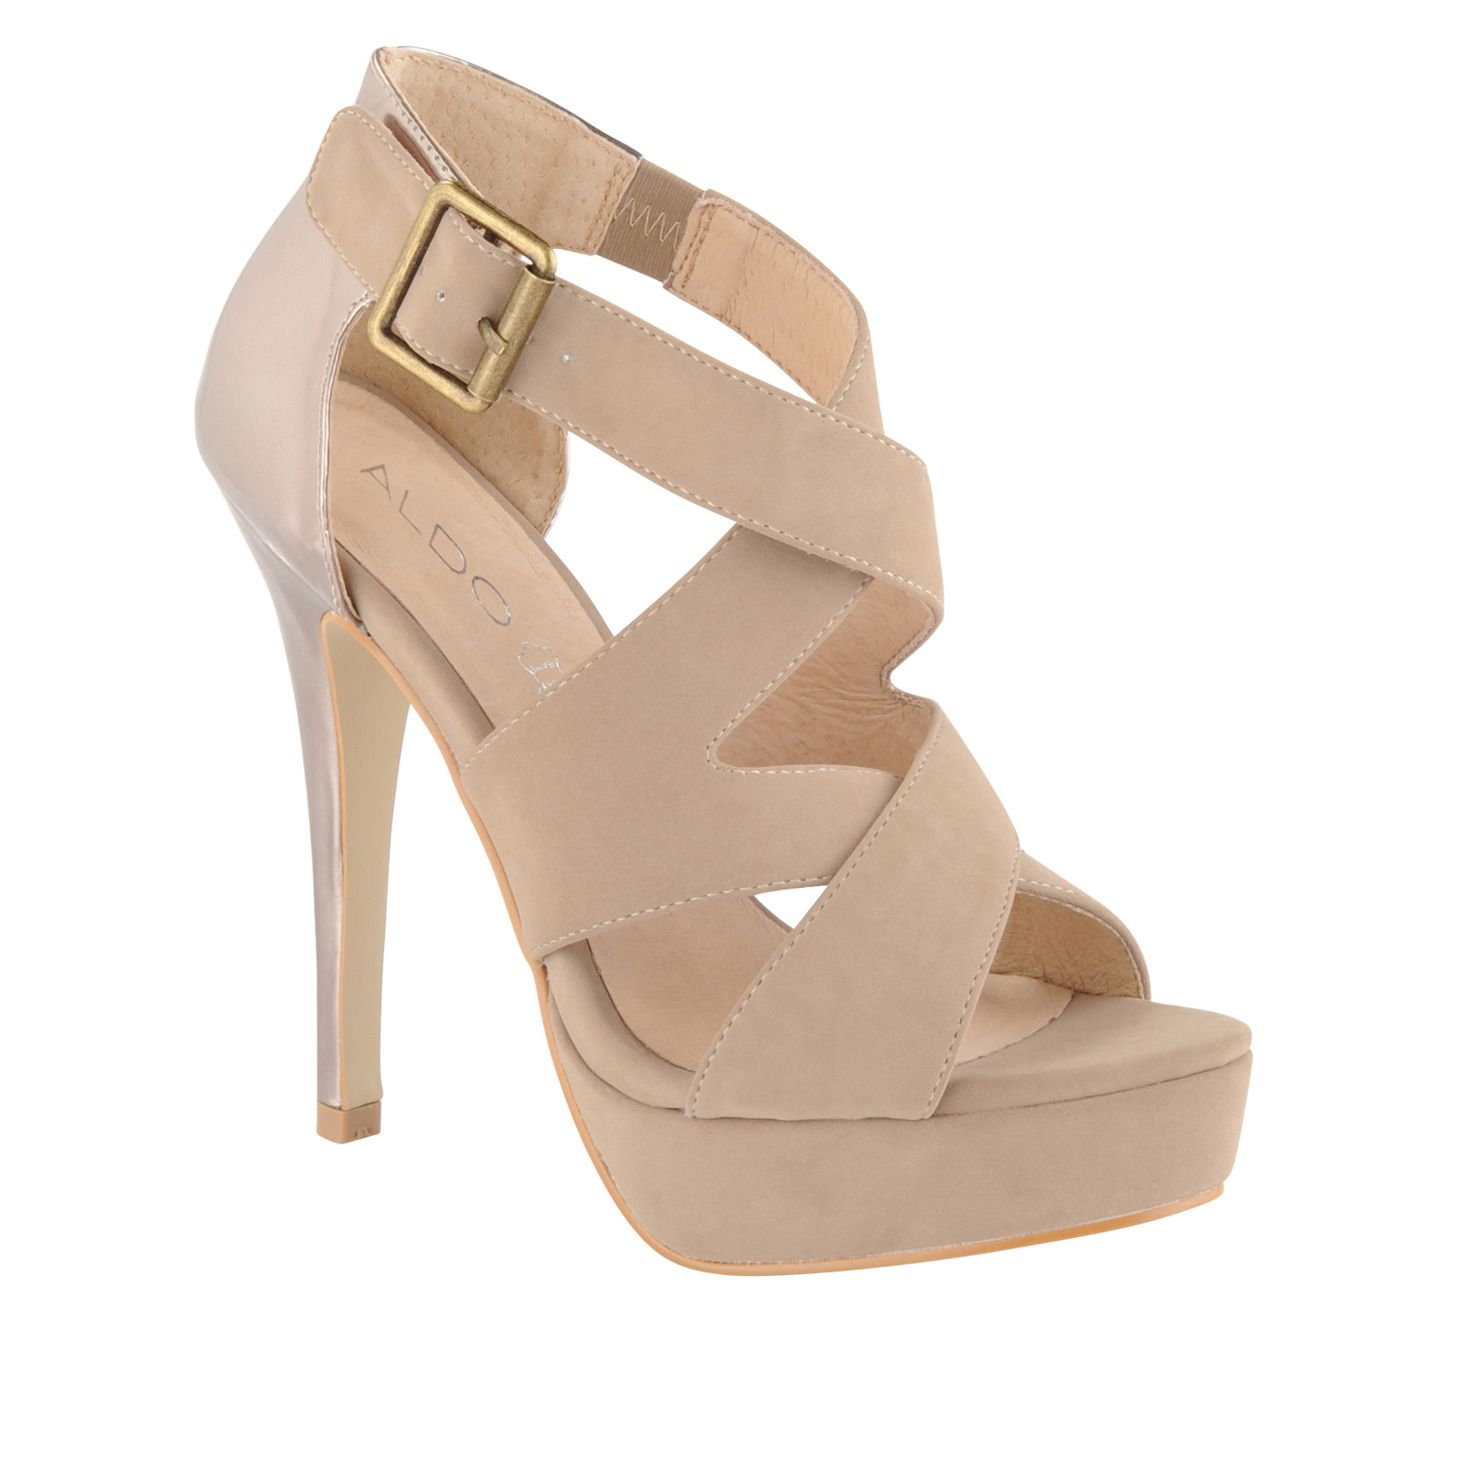 e0ab3383723 KOTUR - women s high heels sandals for sale at ALDO Shoes.